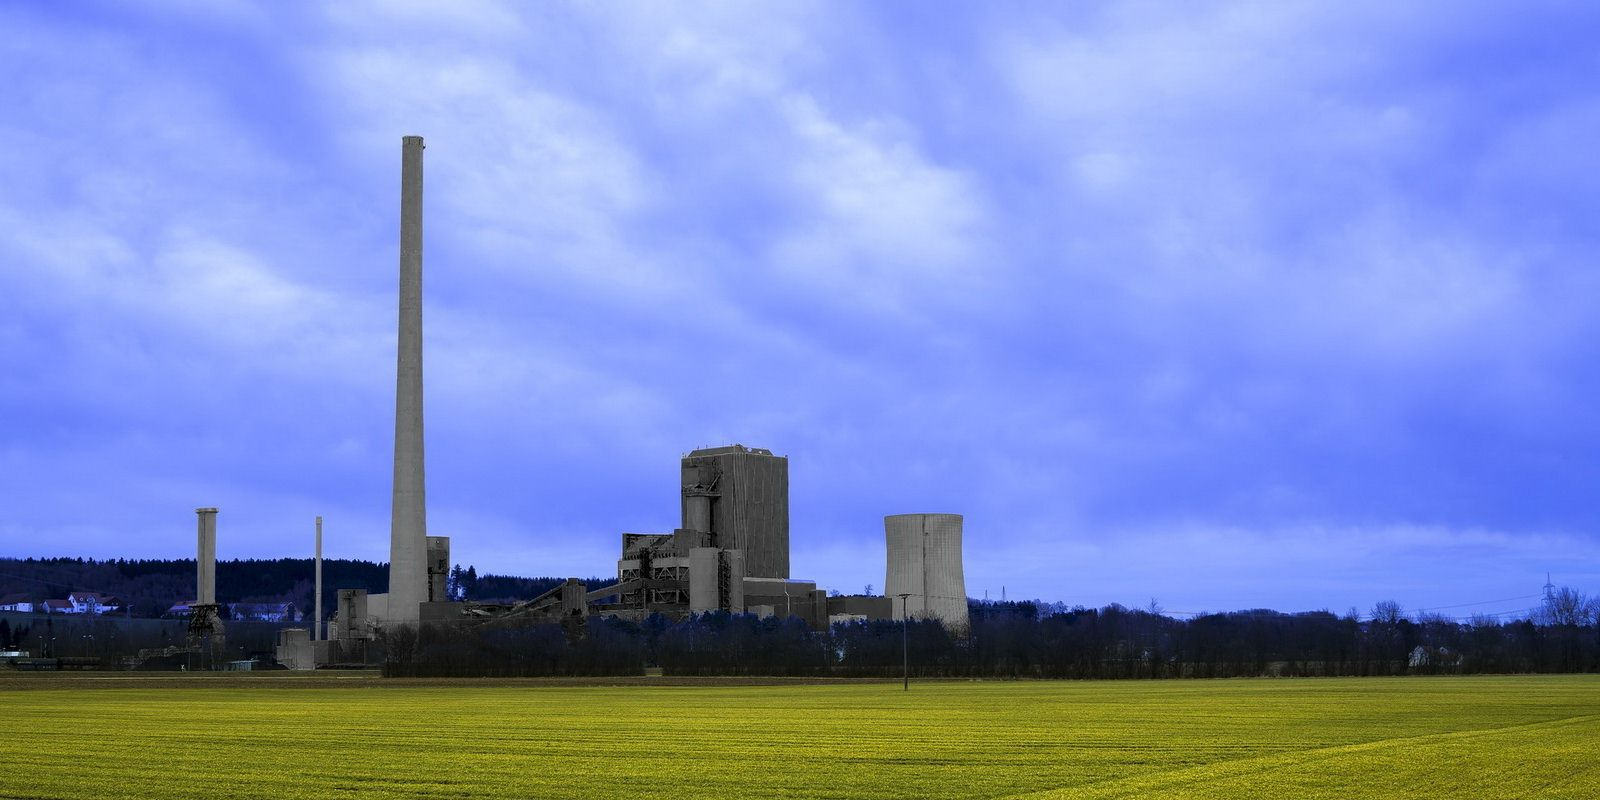 power-plant-2153892_1920_s1